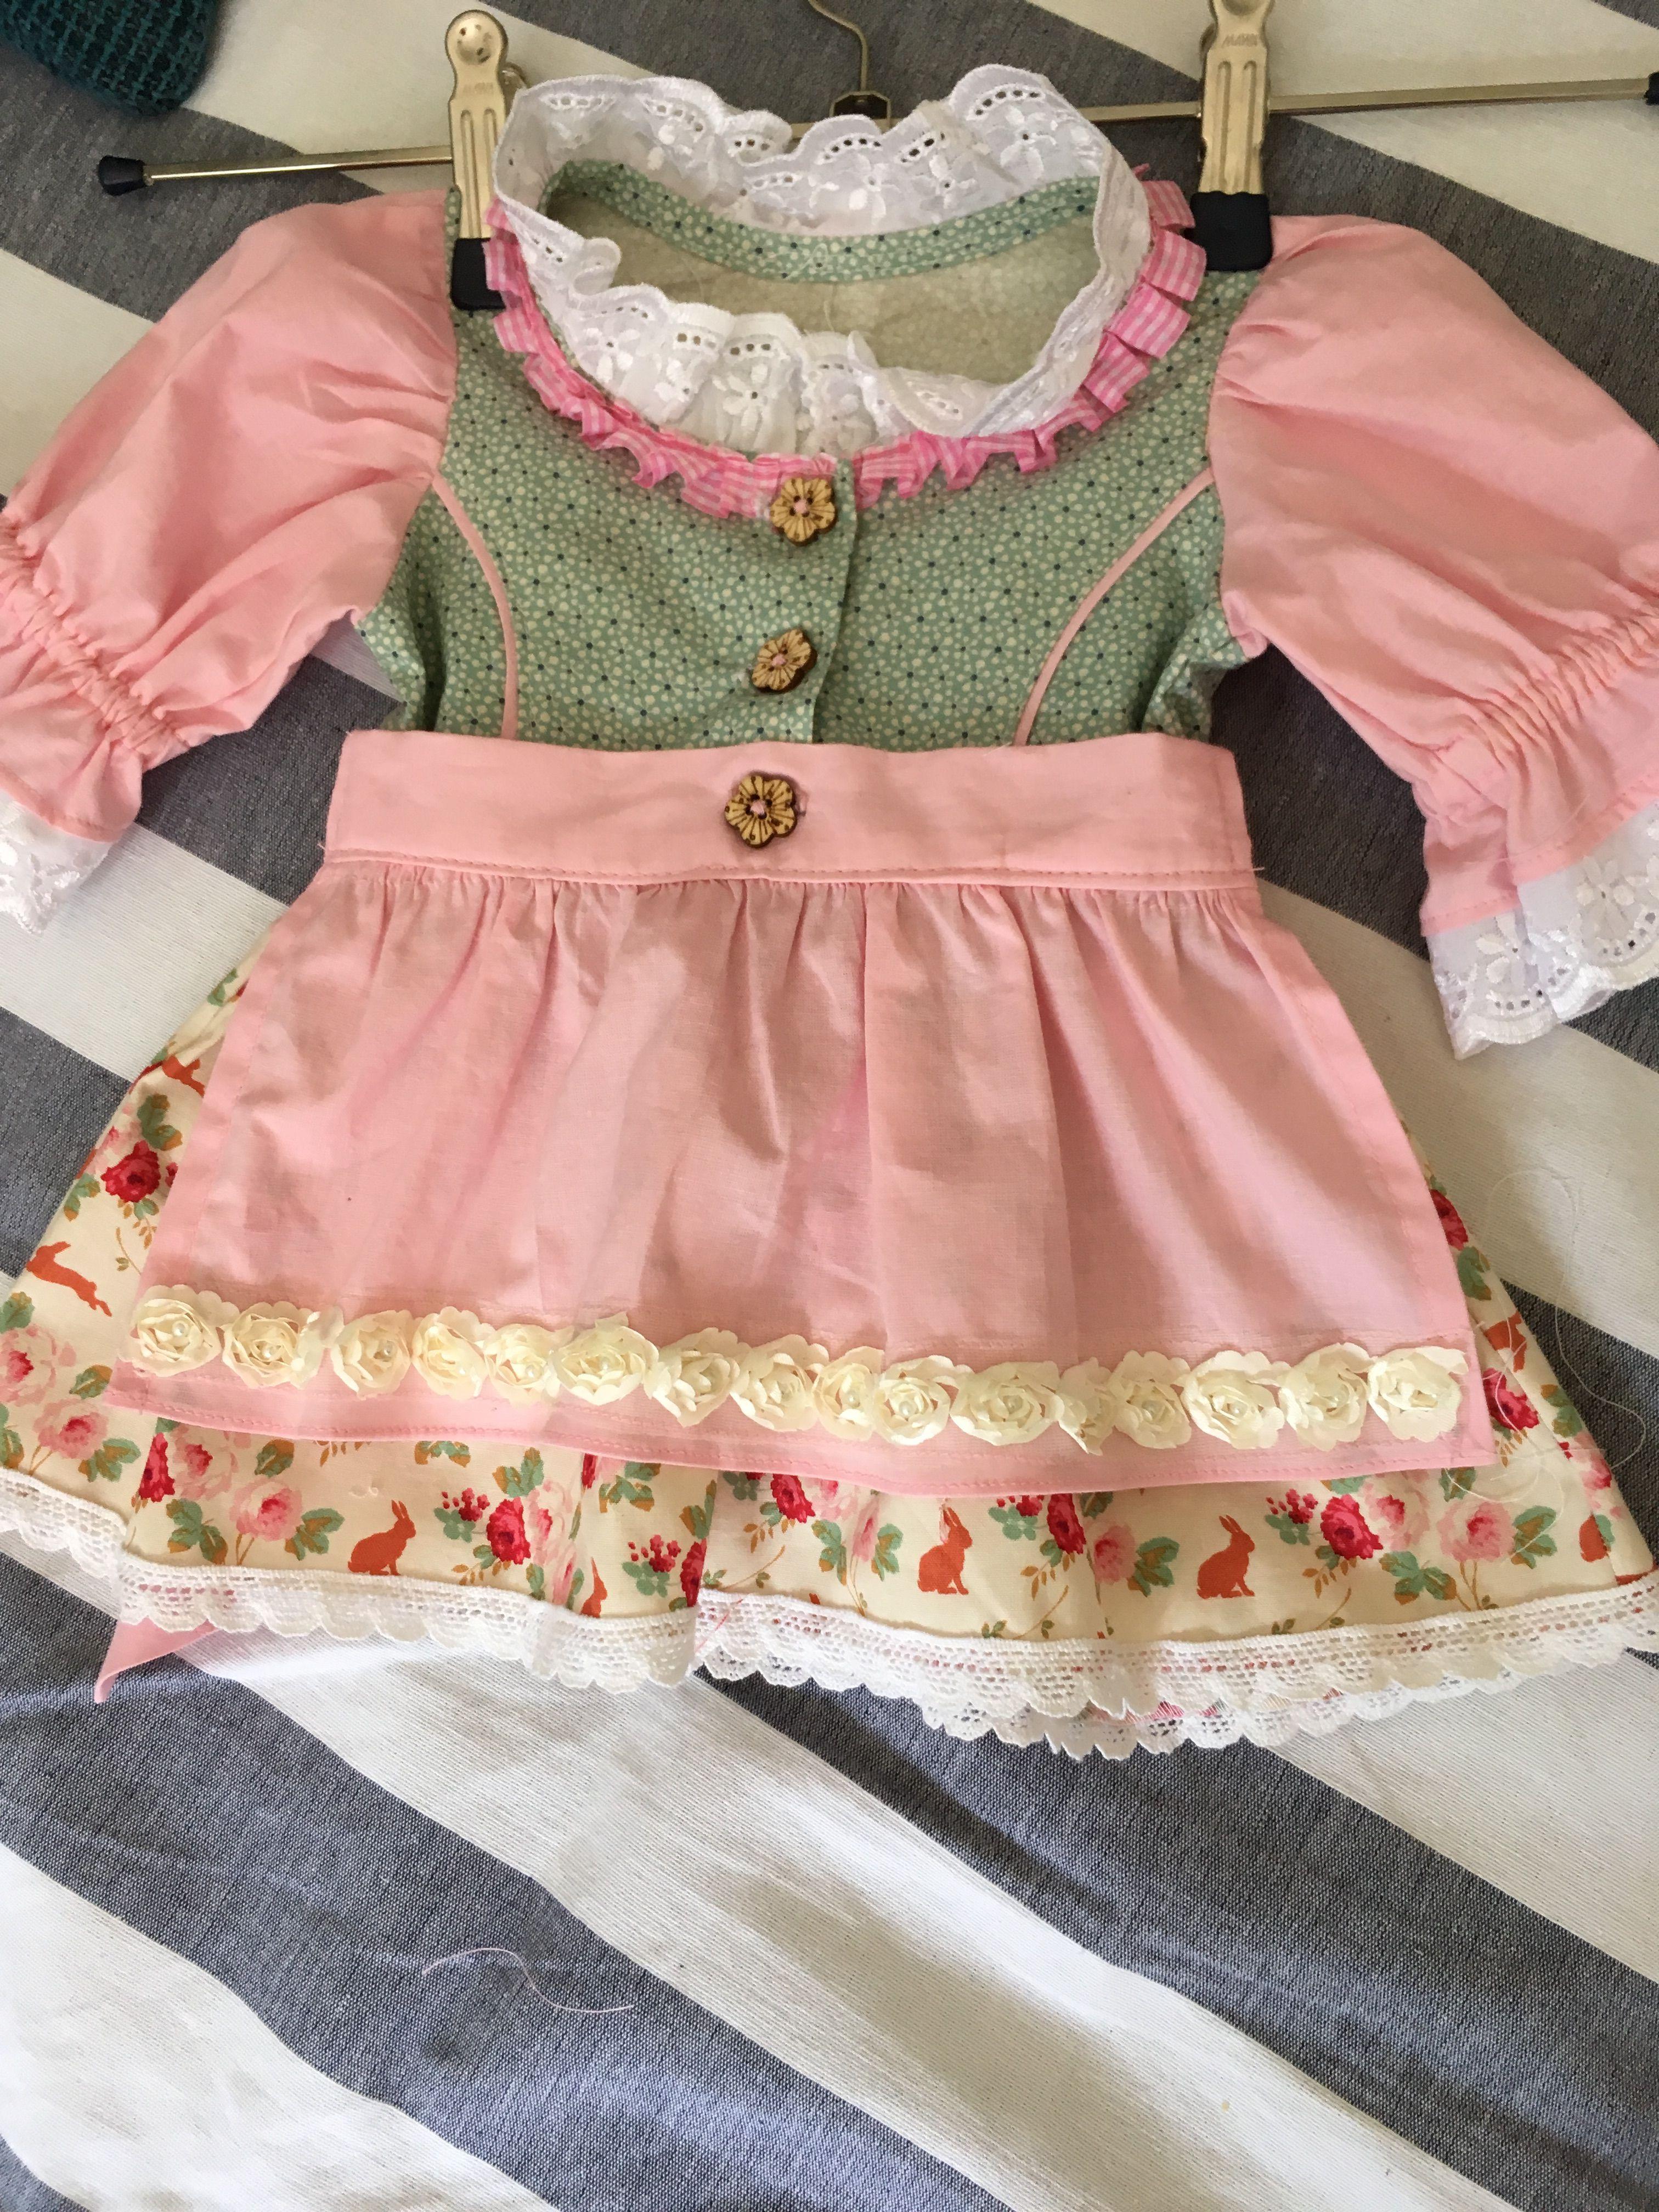 ece79a63ad Babydirndl Gr. 74 | Kinderklamotten, Nützliches für Kids, | Fashion ...